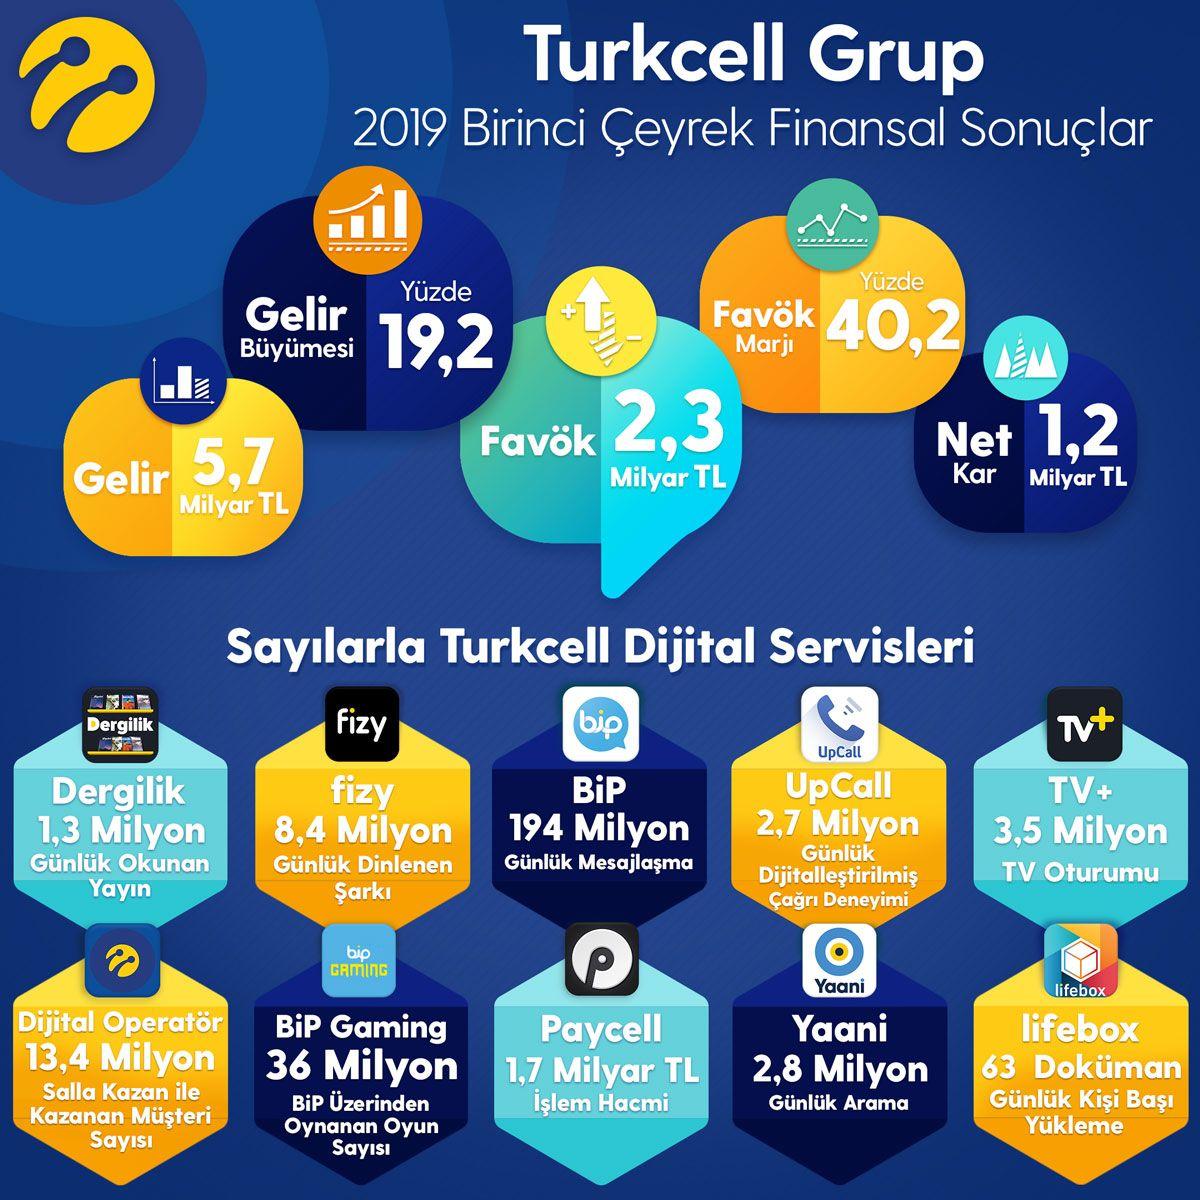 Borsa İstanbul'un Açılış Gongu Turkcell'in 25'inci Yılı İçin Çaldı